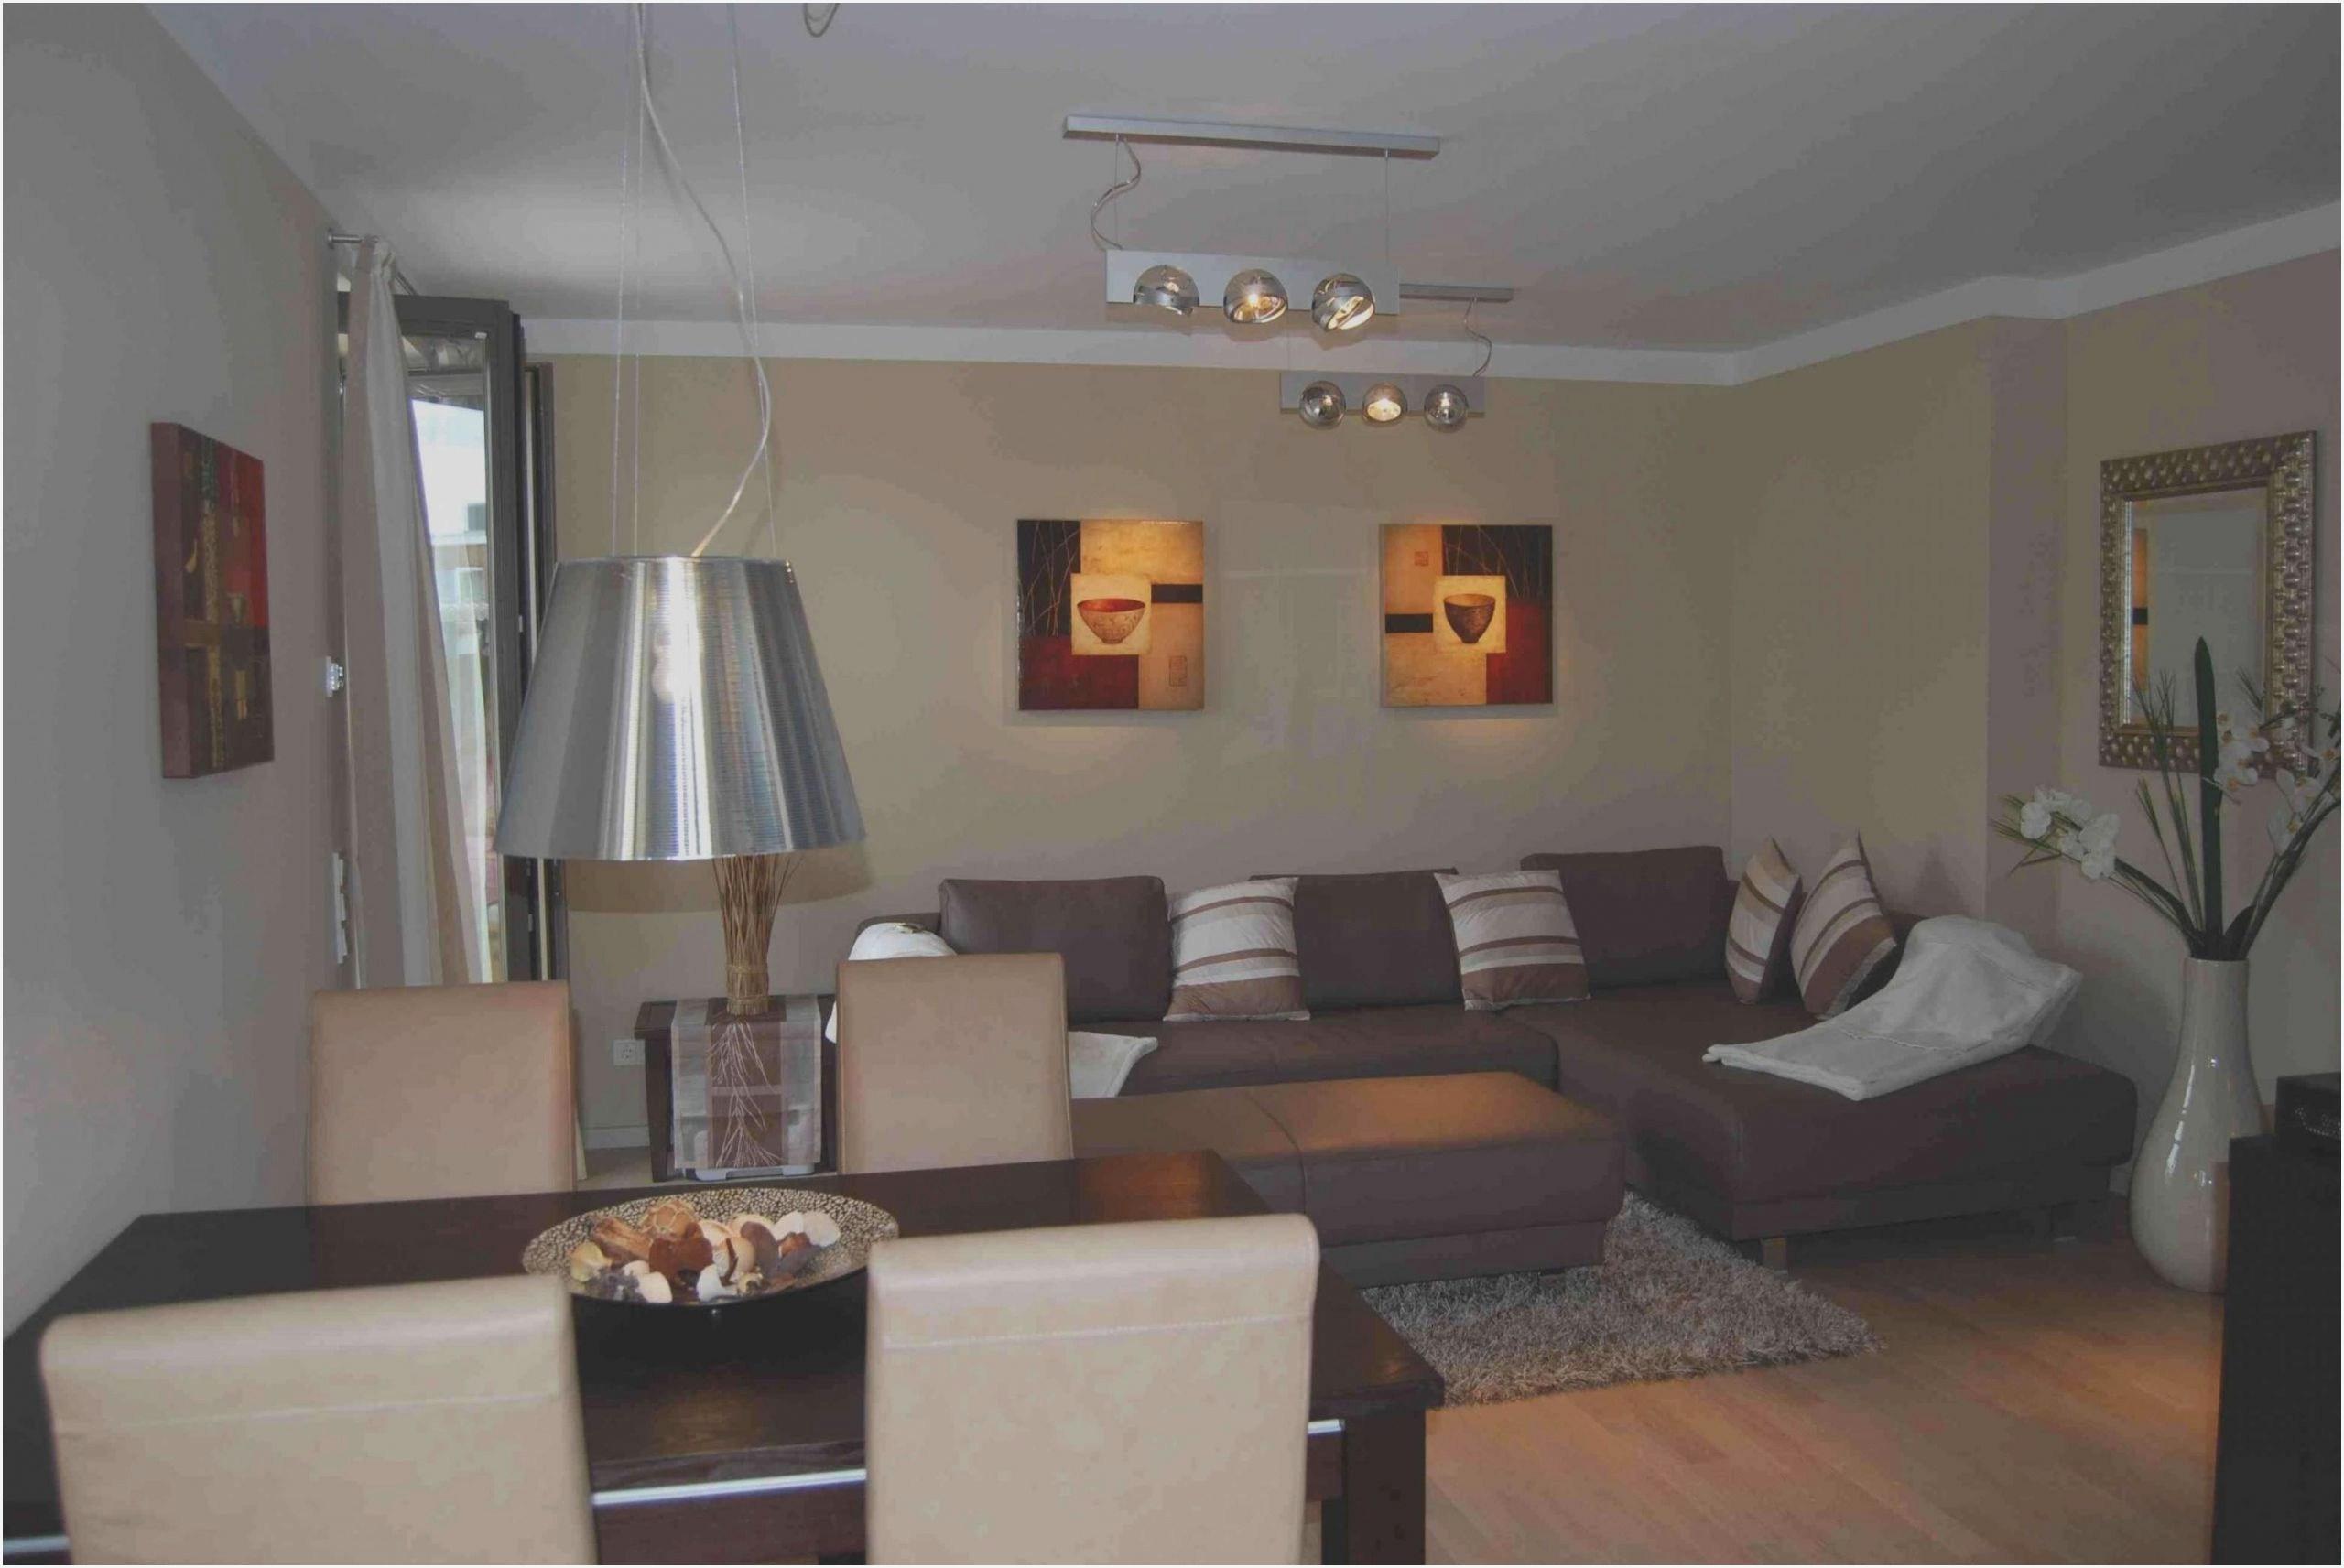 Full Size of Kleines Wohnzimmer Mit Sofa Und Esstisch Wohnzimmer Sofa Kleines Wohnzimmer